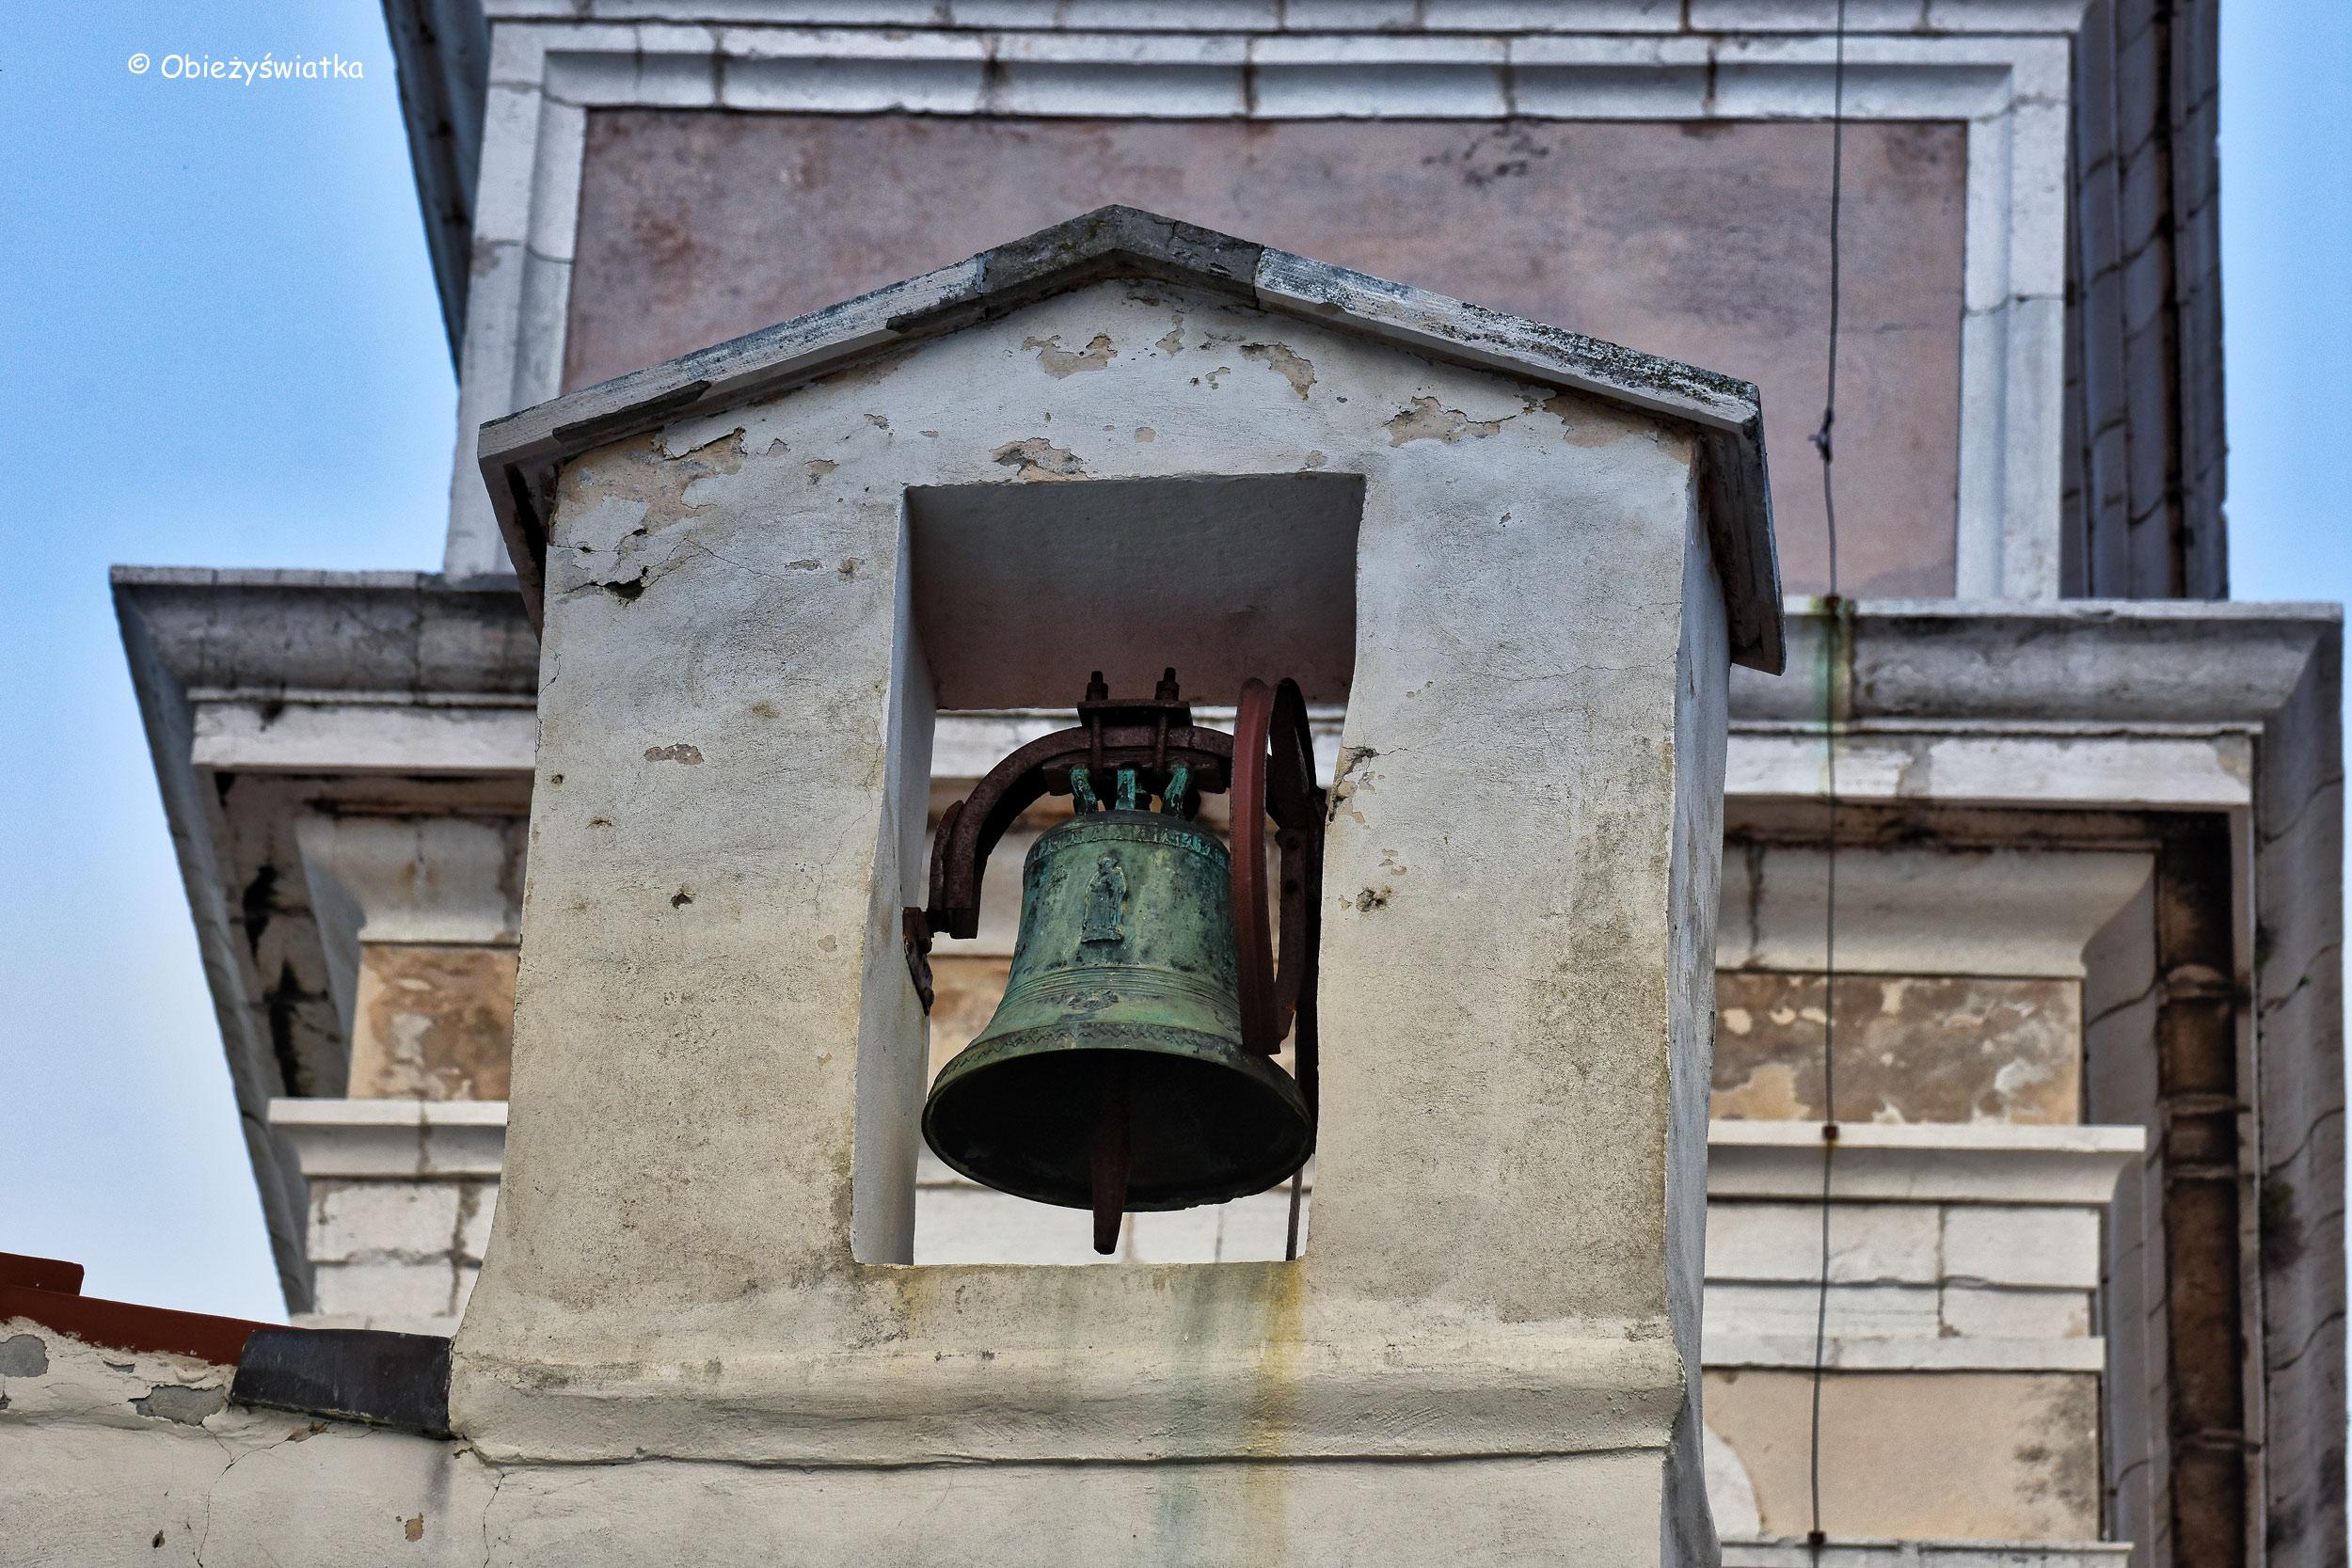 Dzwon - kościół św. Jerzego, Piran, Słowenia